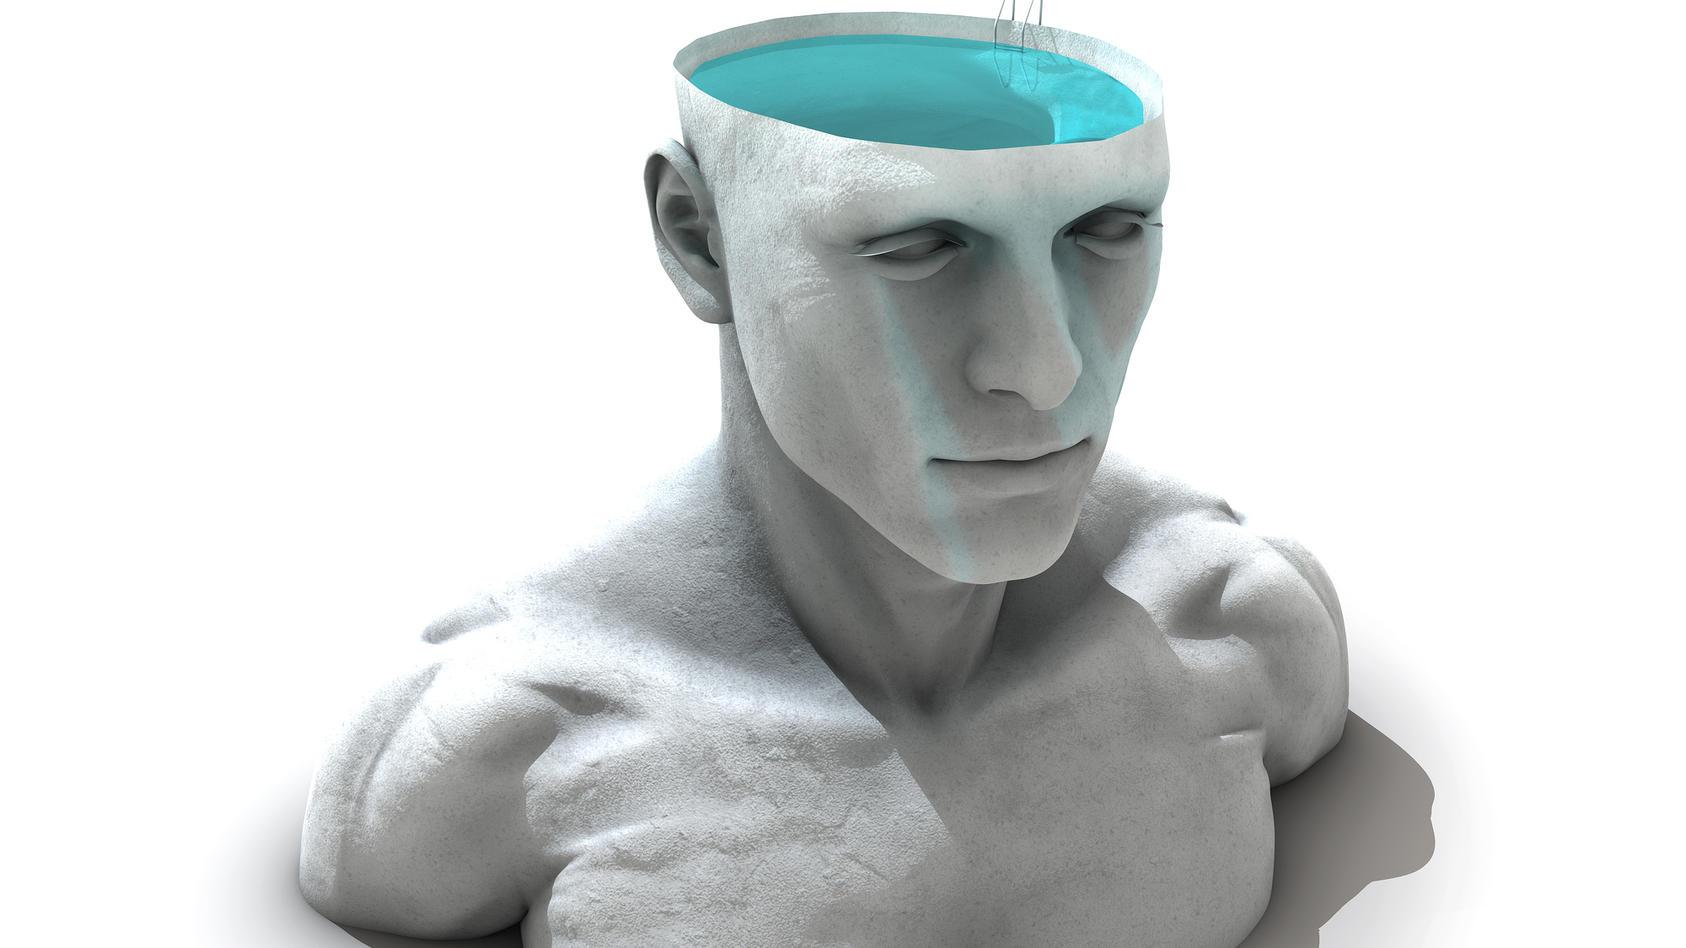 Die Tiefenpsychologie ist ein spezielles Verfahren zur Behandlung psychischer Störungen